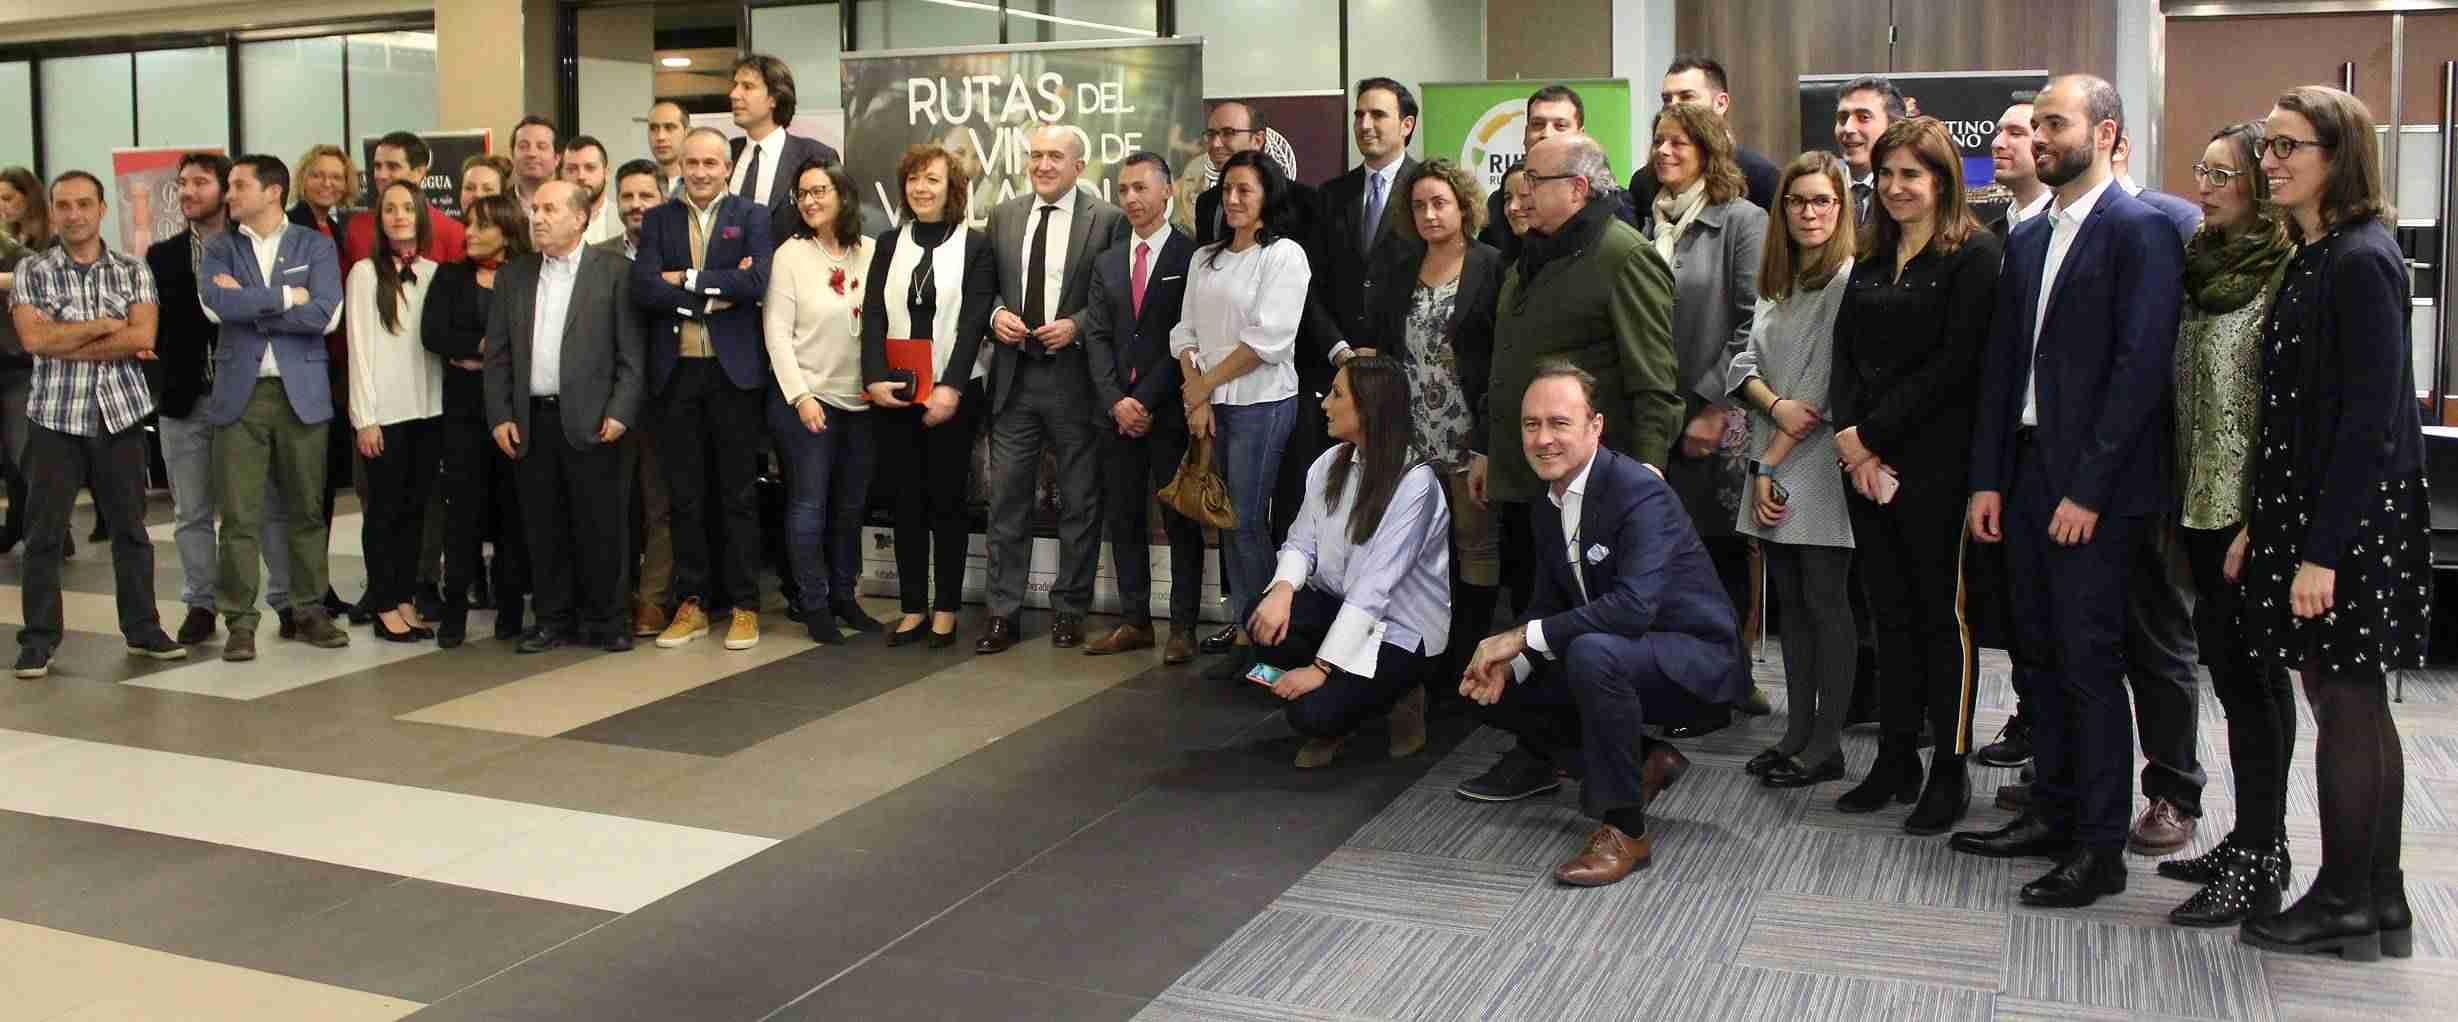 Rosa Melchor participa en Madrid en la presentación de la oferta enoturística de la provincia de Valladolid 1